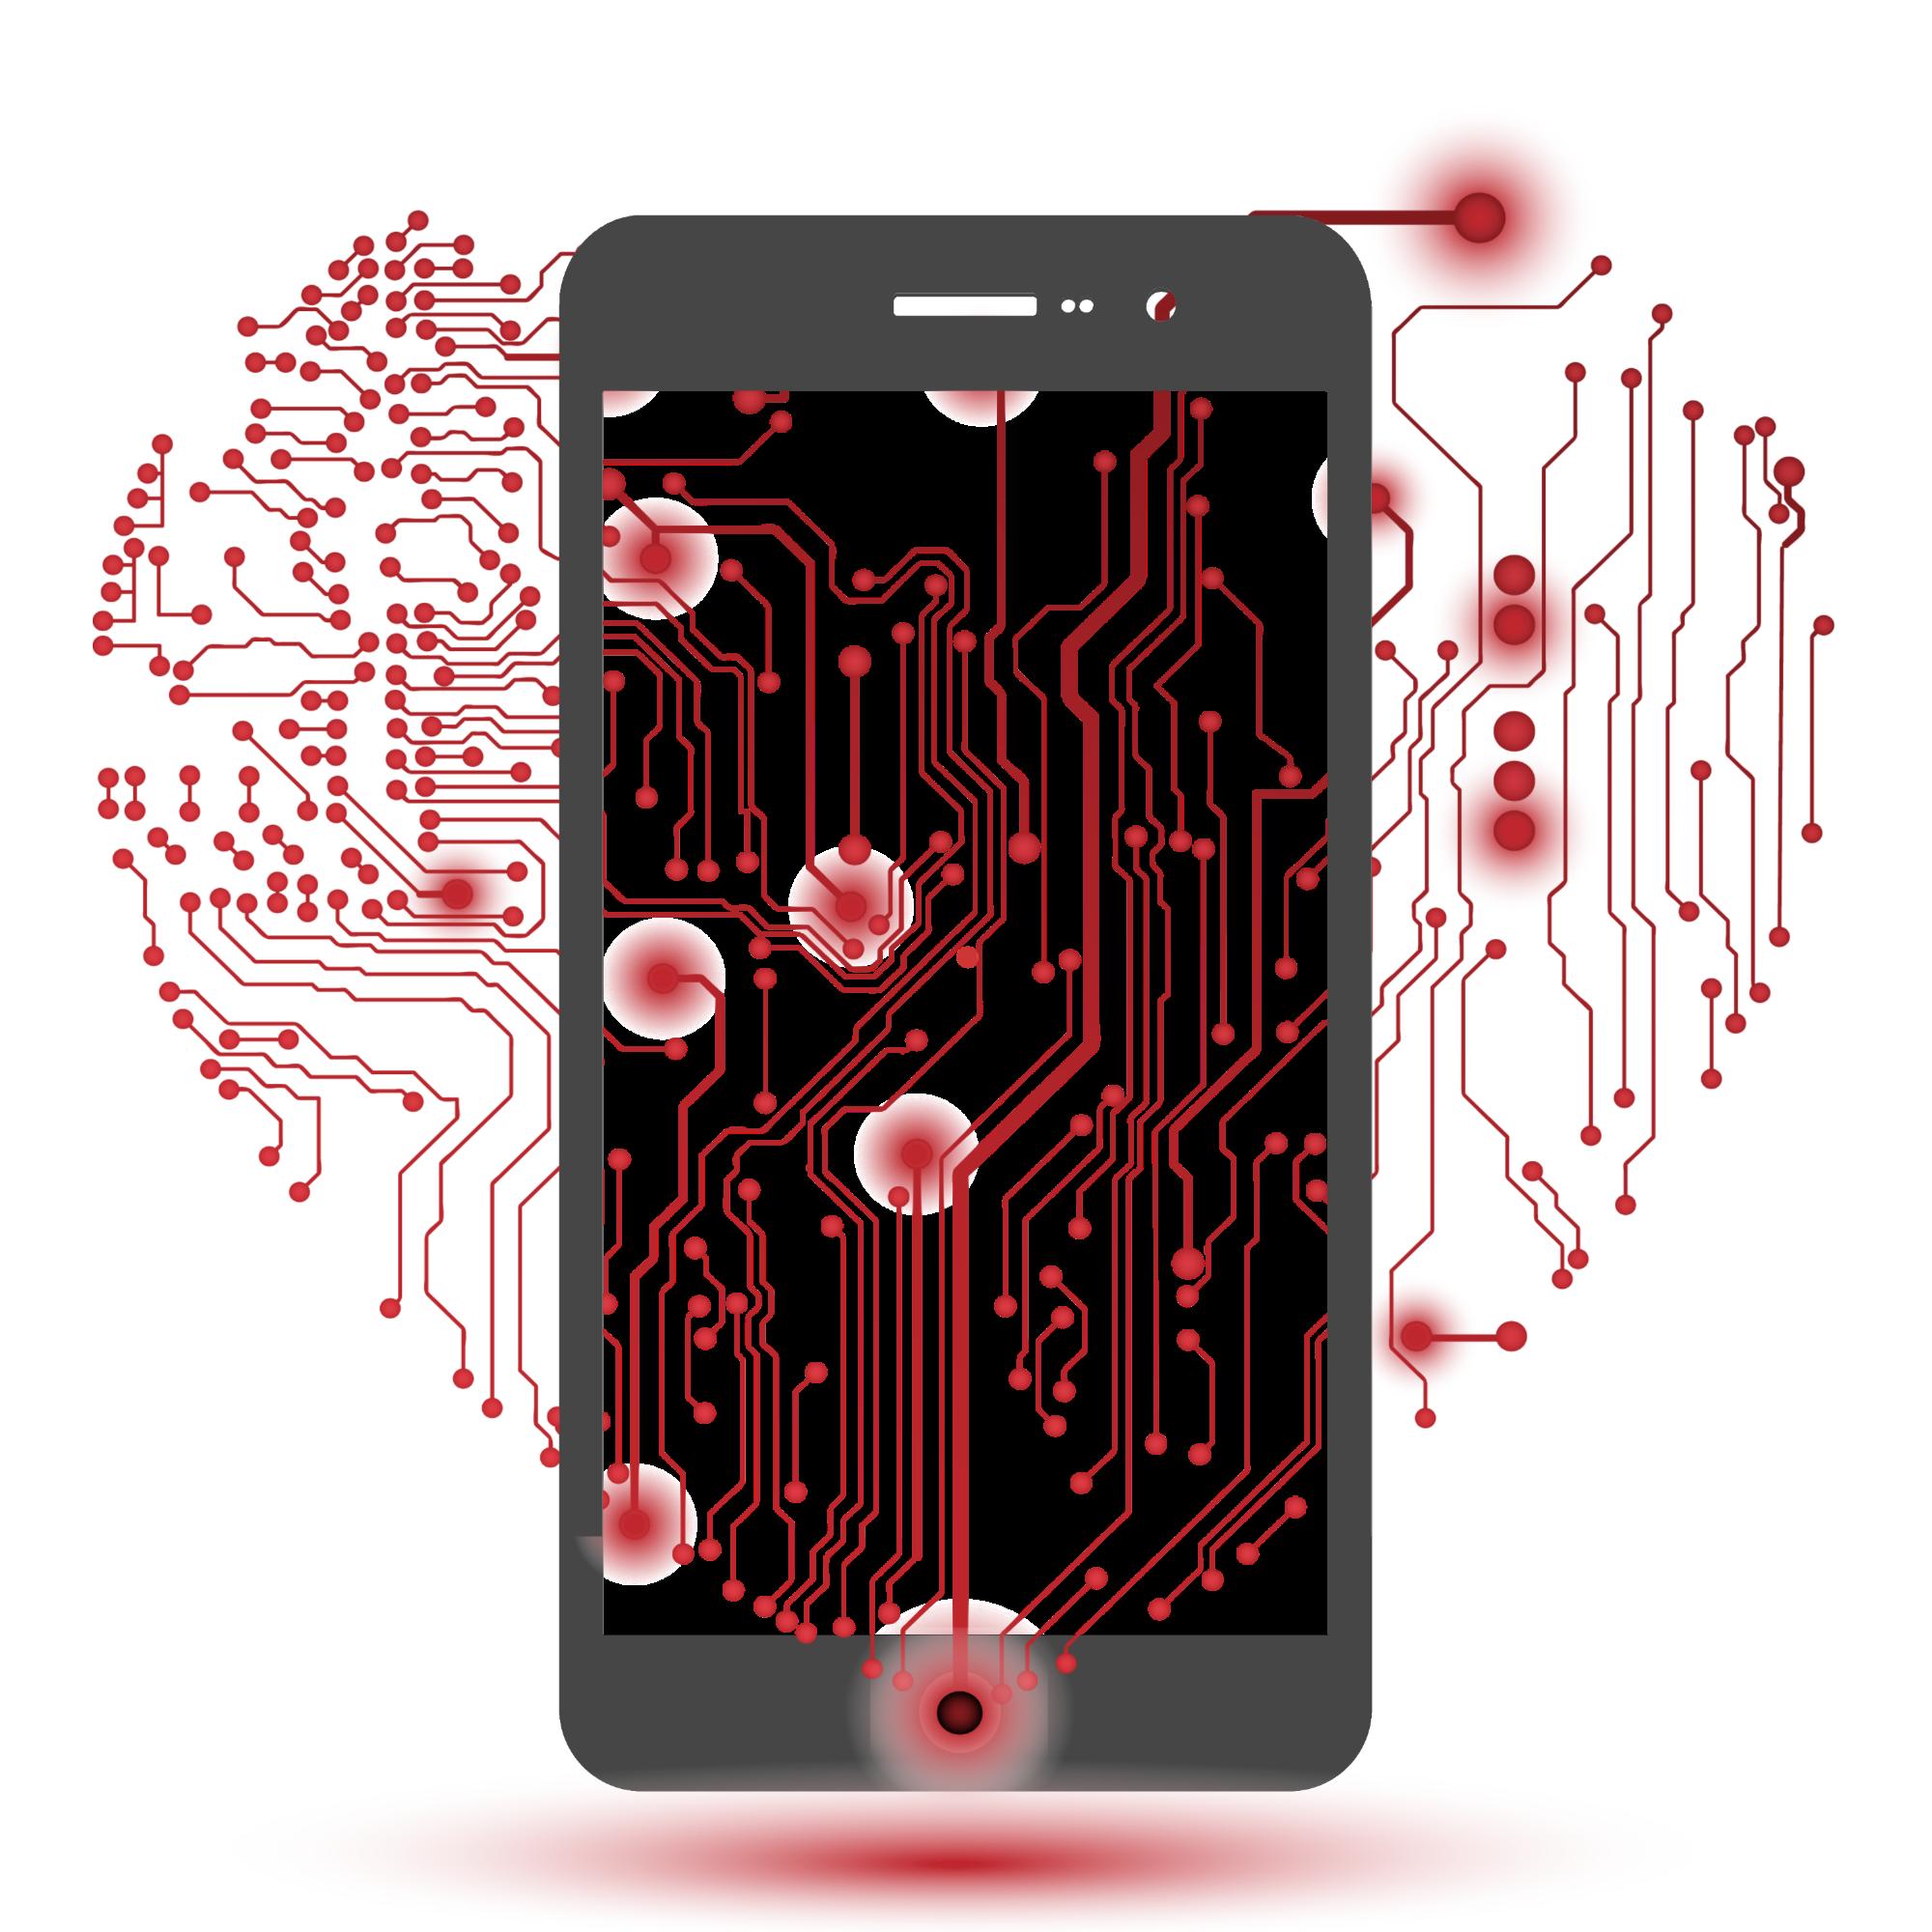 MEDarchiver Cardiology Information System - Il reparto cardiologico è un ambiente in cui tempestività, precisione e organizzazione sono fattori chiave per la corretta gestione dei pazienti e delle terapie. MEDarchiver Cardiology vuole essere un punto di accesso unico al dossier sanitario completo del paziente, una piattaforma configurabile, integrata e ad alto contenuto tecnologico.MEDarchiver Cardiology permette di gestire le informazioni, il workflow e il ricovero con una piattaforma informatica completa ed intuitiva, implementando le più avanzate funzionalità gestionali, cliniche e scientifiche garantendo interoperabilità nel rispetto delle norme vigenti in materia di trattamento dei dati. Questo attraverso un evoluto approccio a tre direzioni: integrazione bottom-up, integrazione top-down e integrazione orizzontale.Visita cardiology.medarchiver.com